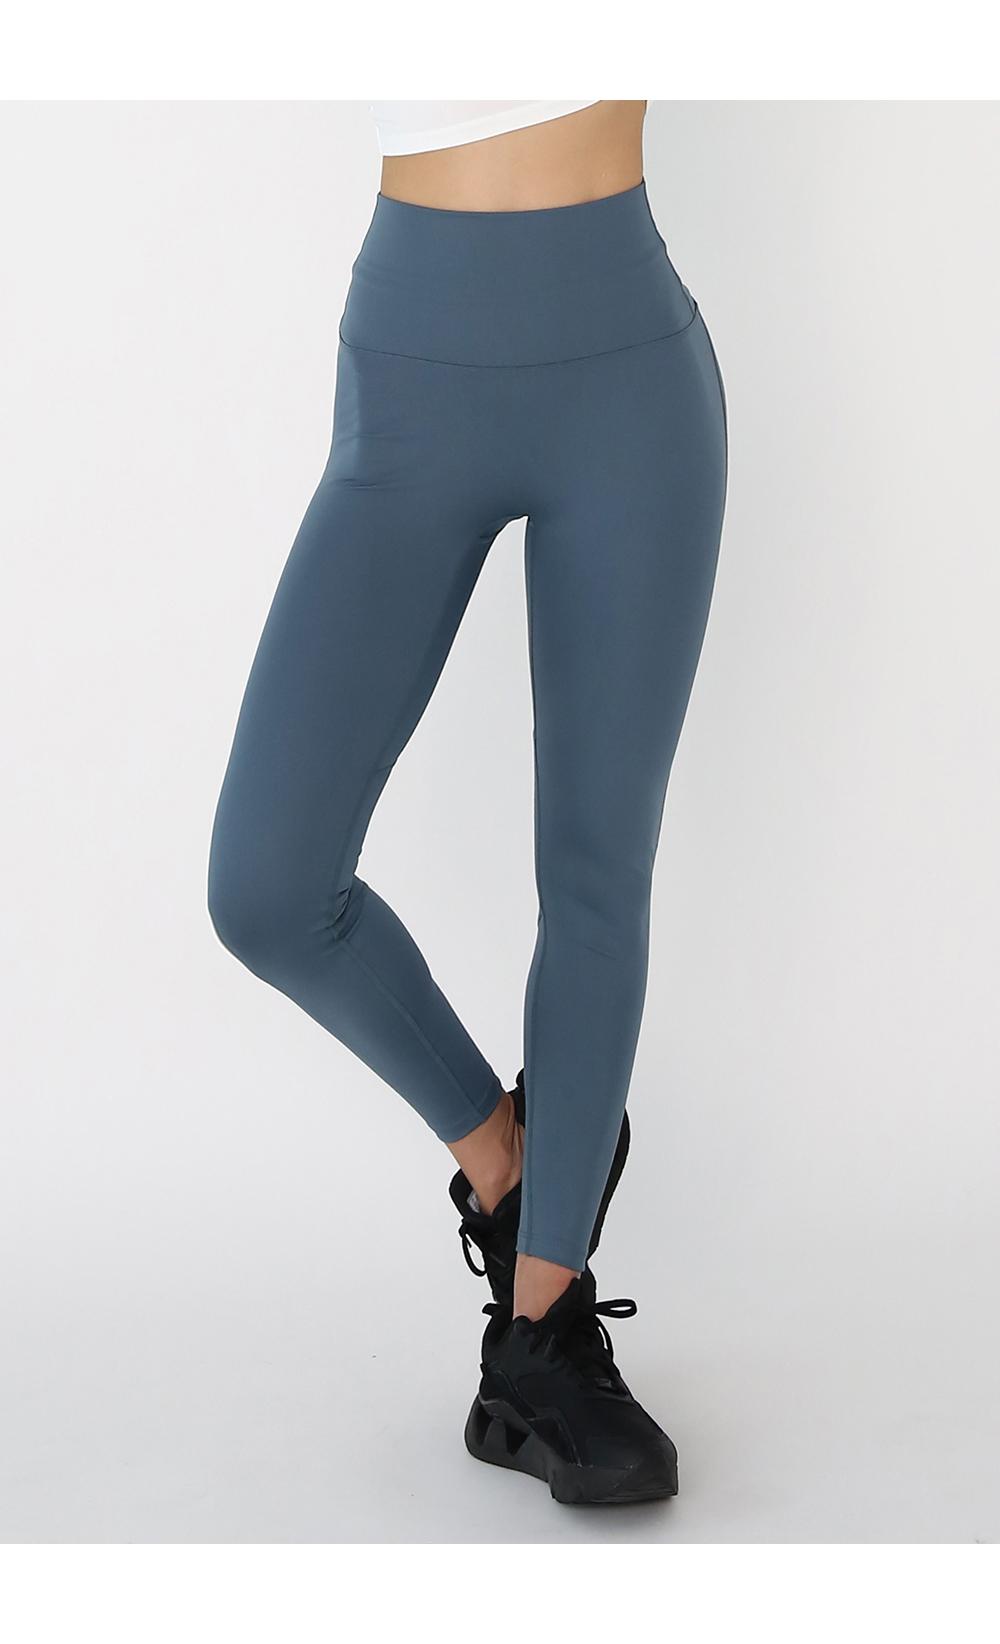 褲子模特穿著形象 - S1L5